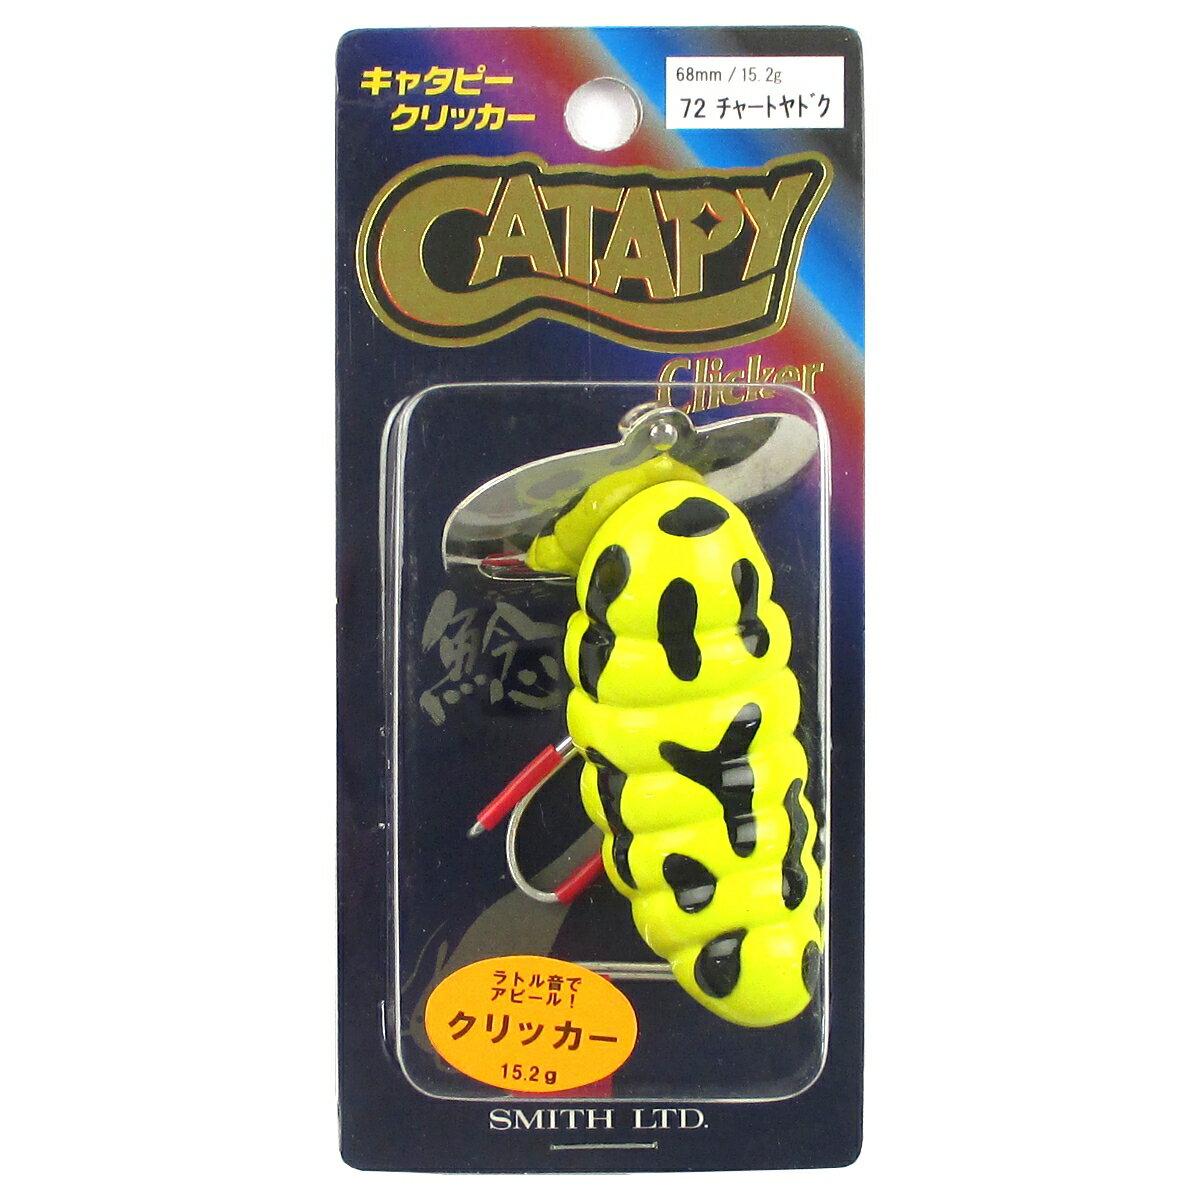 スミス キャタピー クリッカー 72(チャートヤドク)(東日本店)